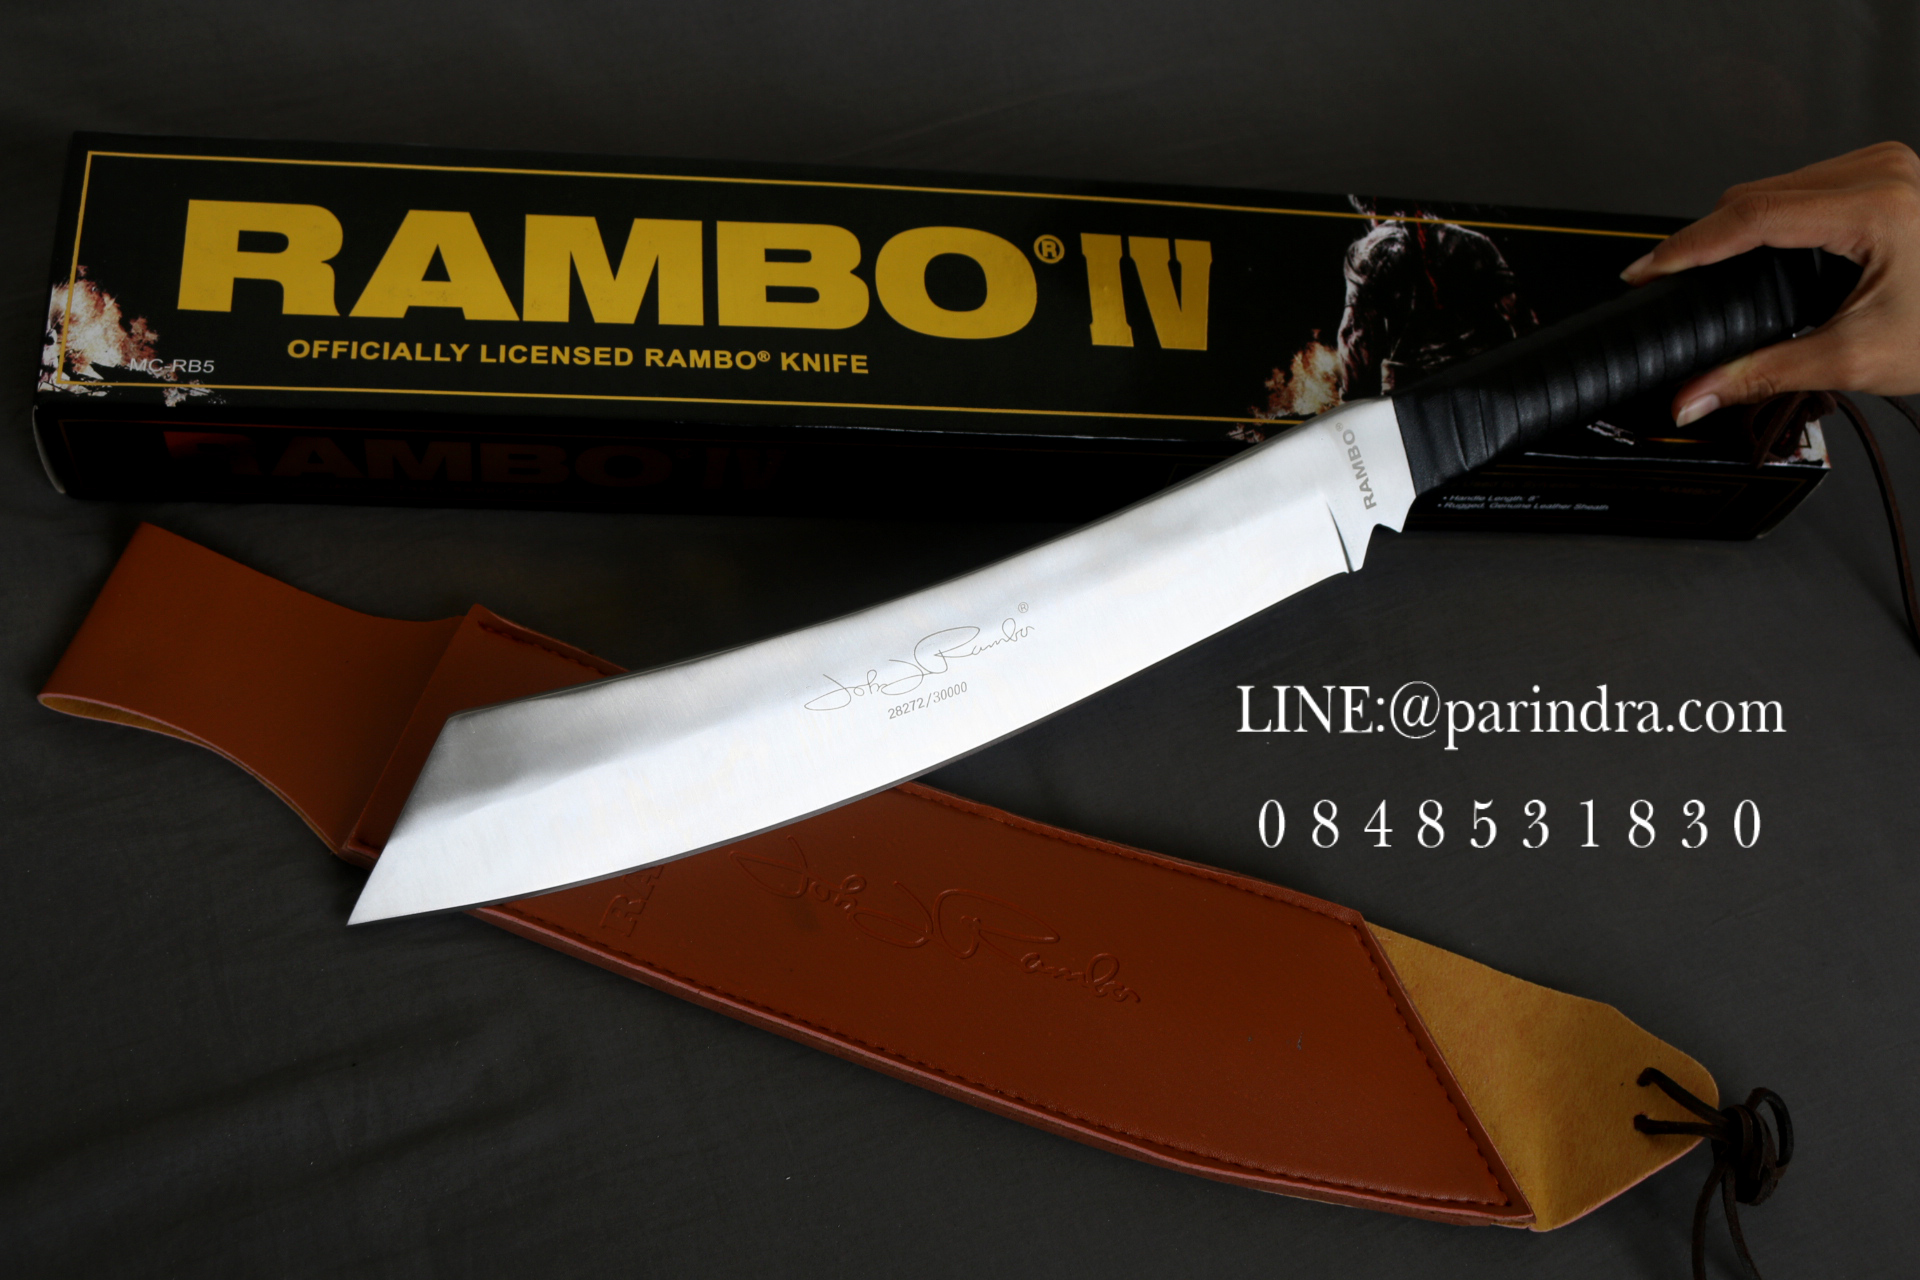 มีดเดินป่าใบตาย RAMBO IV สุดโหด สีเงิน ขนาดยาว 22 นิ้ว (OEM)